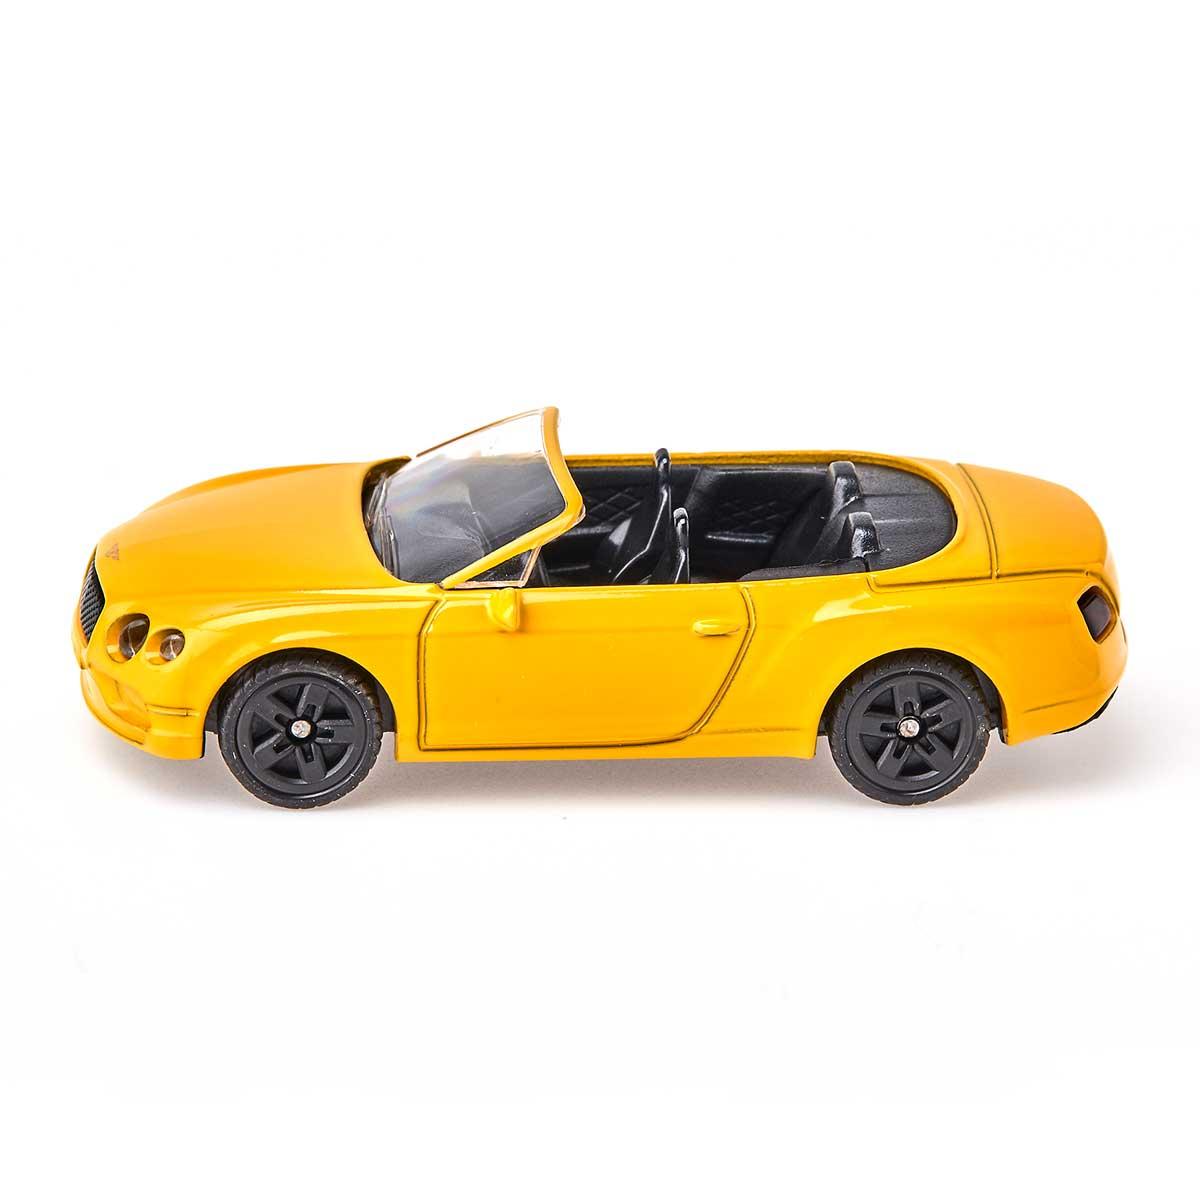 ベントレーコンチネンタル GT V8 コンバーチブル(ジク・SIKU)